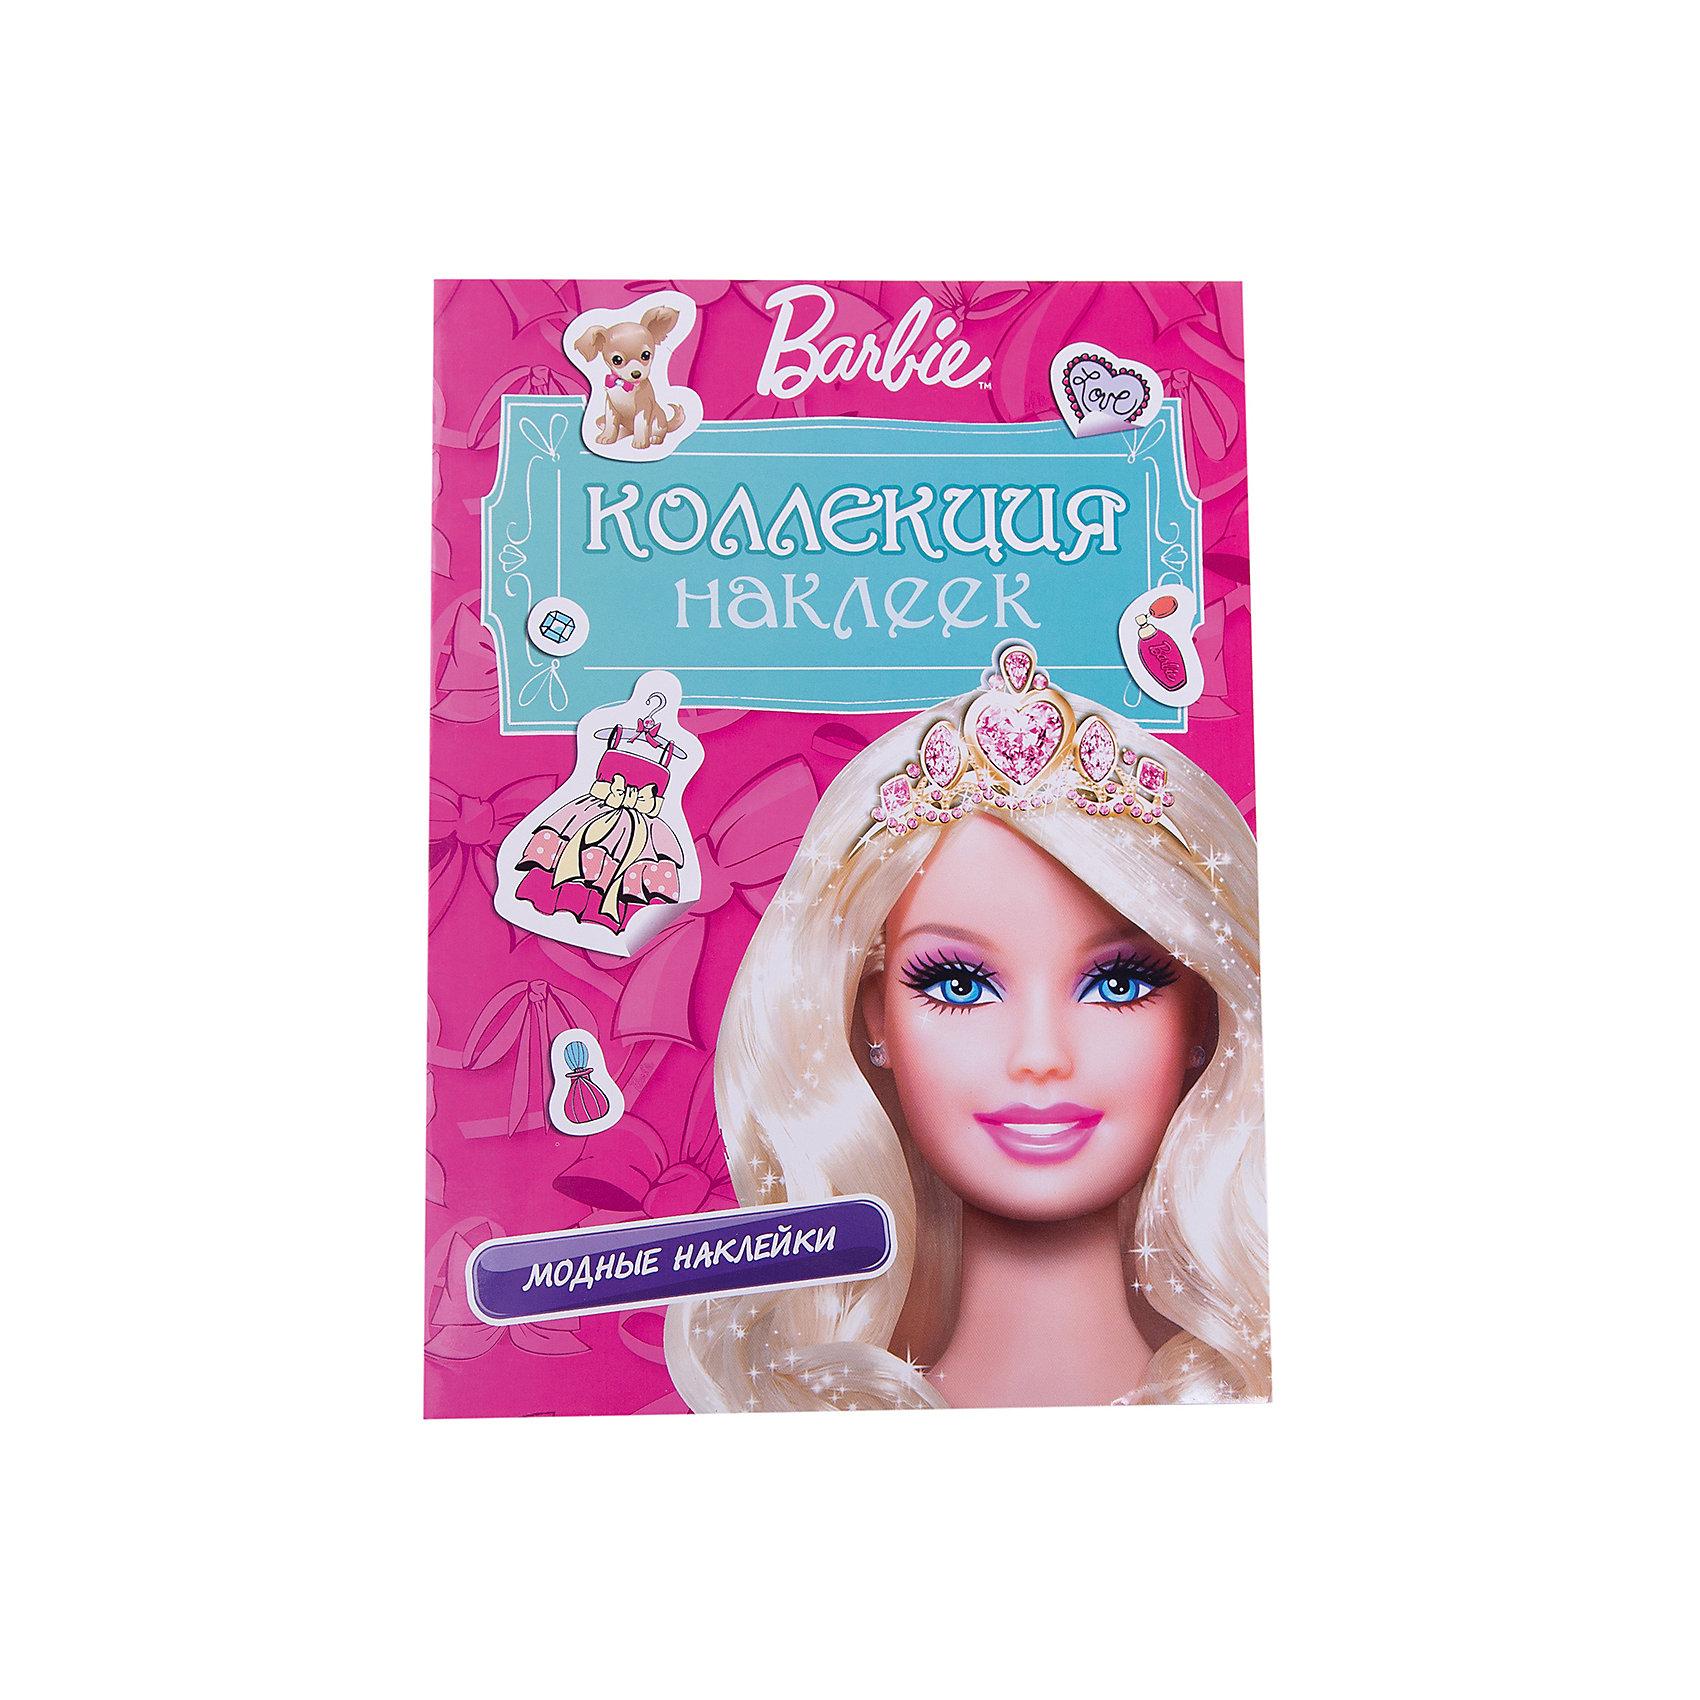 Коллекция наклеек (розовая), БарбиКоллекция красивых, интересных наклеек (розовая), Барби (Barbie) – подарит радость каждой девочке. Модная кукла Barbie, розовые очки, милые домашние питомцы, изысканные сумочки и прочие симпатичные вещички в наклейках Barbie подарят радость каждой девочке. Украшай наклейками Barbie альбомы, тетради, анкеты, открытки, подарки и свою комнату.<br><br>Дополнительная информация:<br><br>- Серия: Альбомы наклеек<br>- Тип обложки: мягкая<br>- Количество страниц: 8<br>- Размер: 270 x 200 мм.<br>- Вес: 20 гр.<br><br>Коллекцию наклеек (розовую), Барби (Barbie) можно купить в нашем интернет-магазине.<br><br>Ширина мм: 270<br>Глубина мм: 200<br>Высота мм: 1<br>Вес г: 20<br>Возраст от месяцев: 48<br>Возраст до месяцев: 108<br>Пол: Женский<br>Возраст: Детский<br>SKU: 3781205